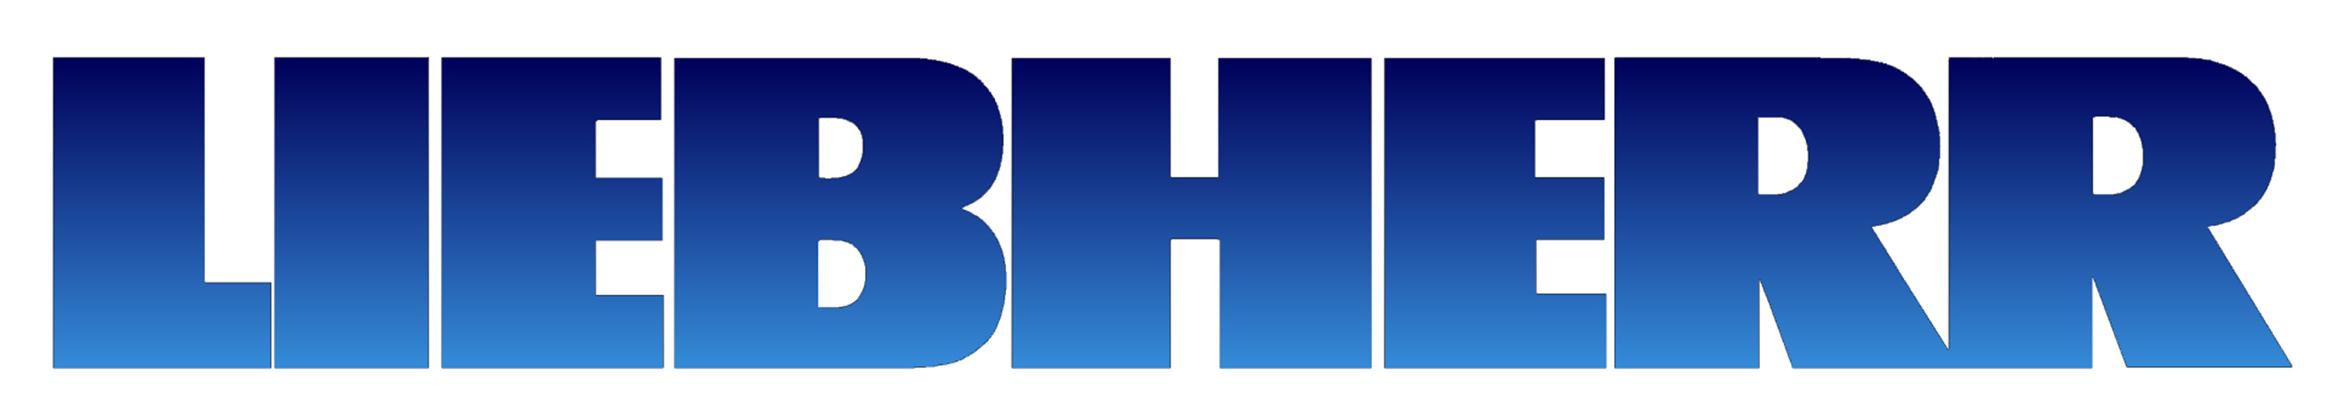 logo-liebherr-2013